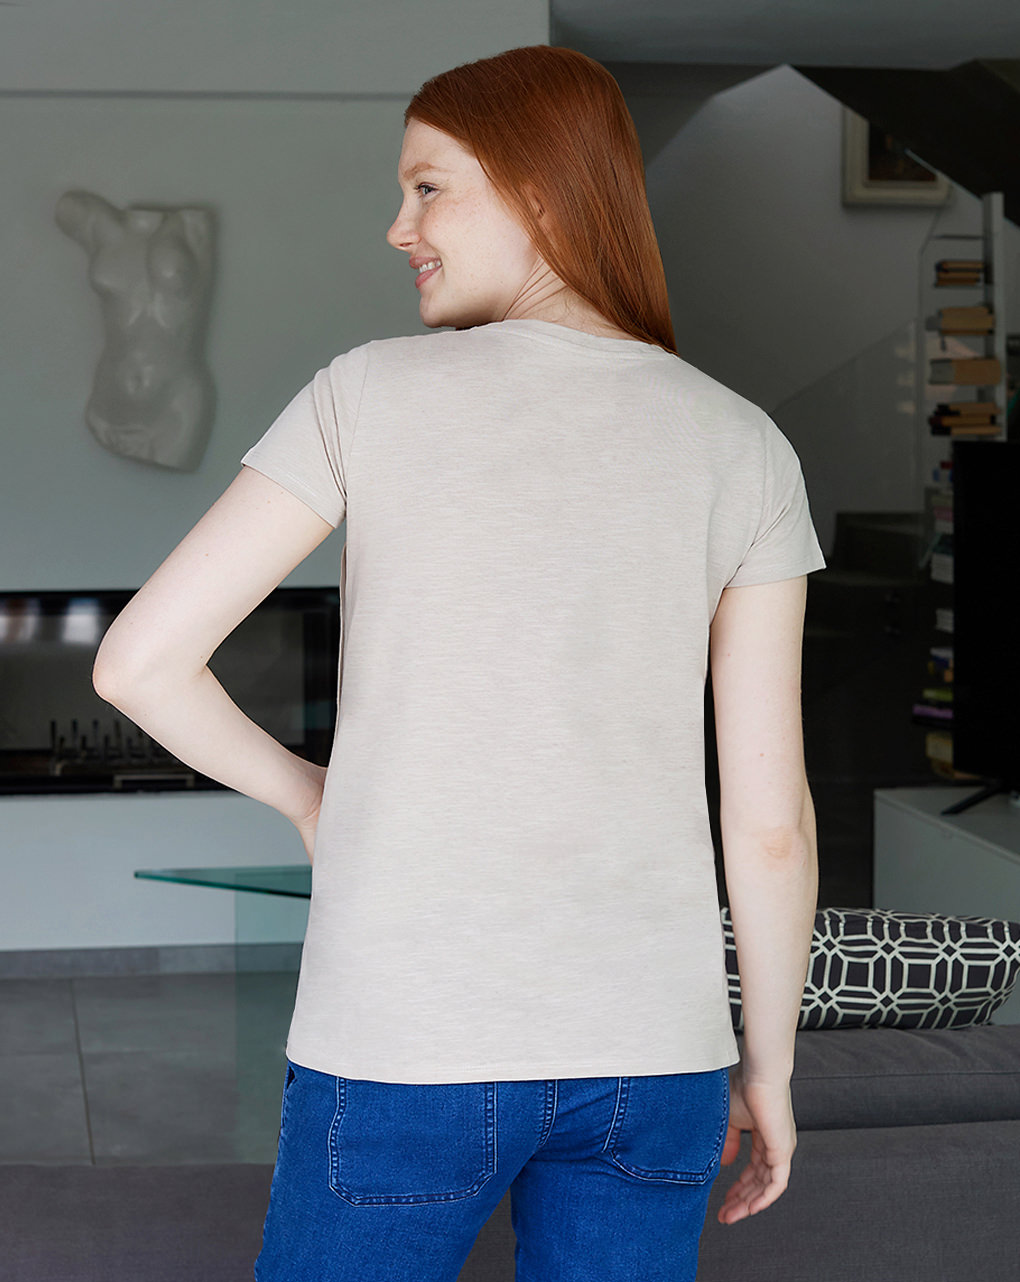 Camiseta de enfermagem materna com botões laterais - Prénatal